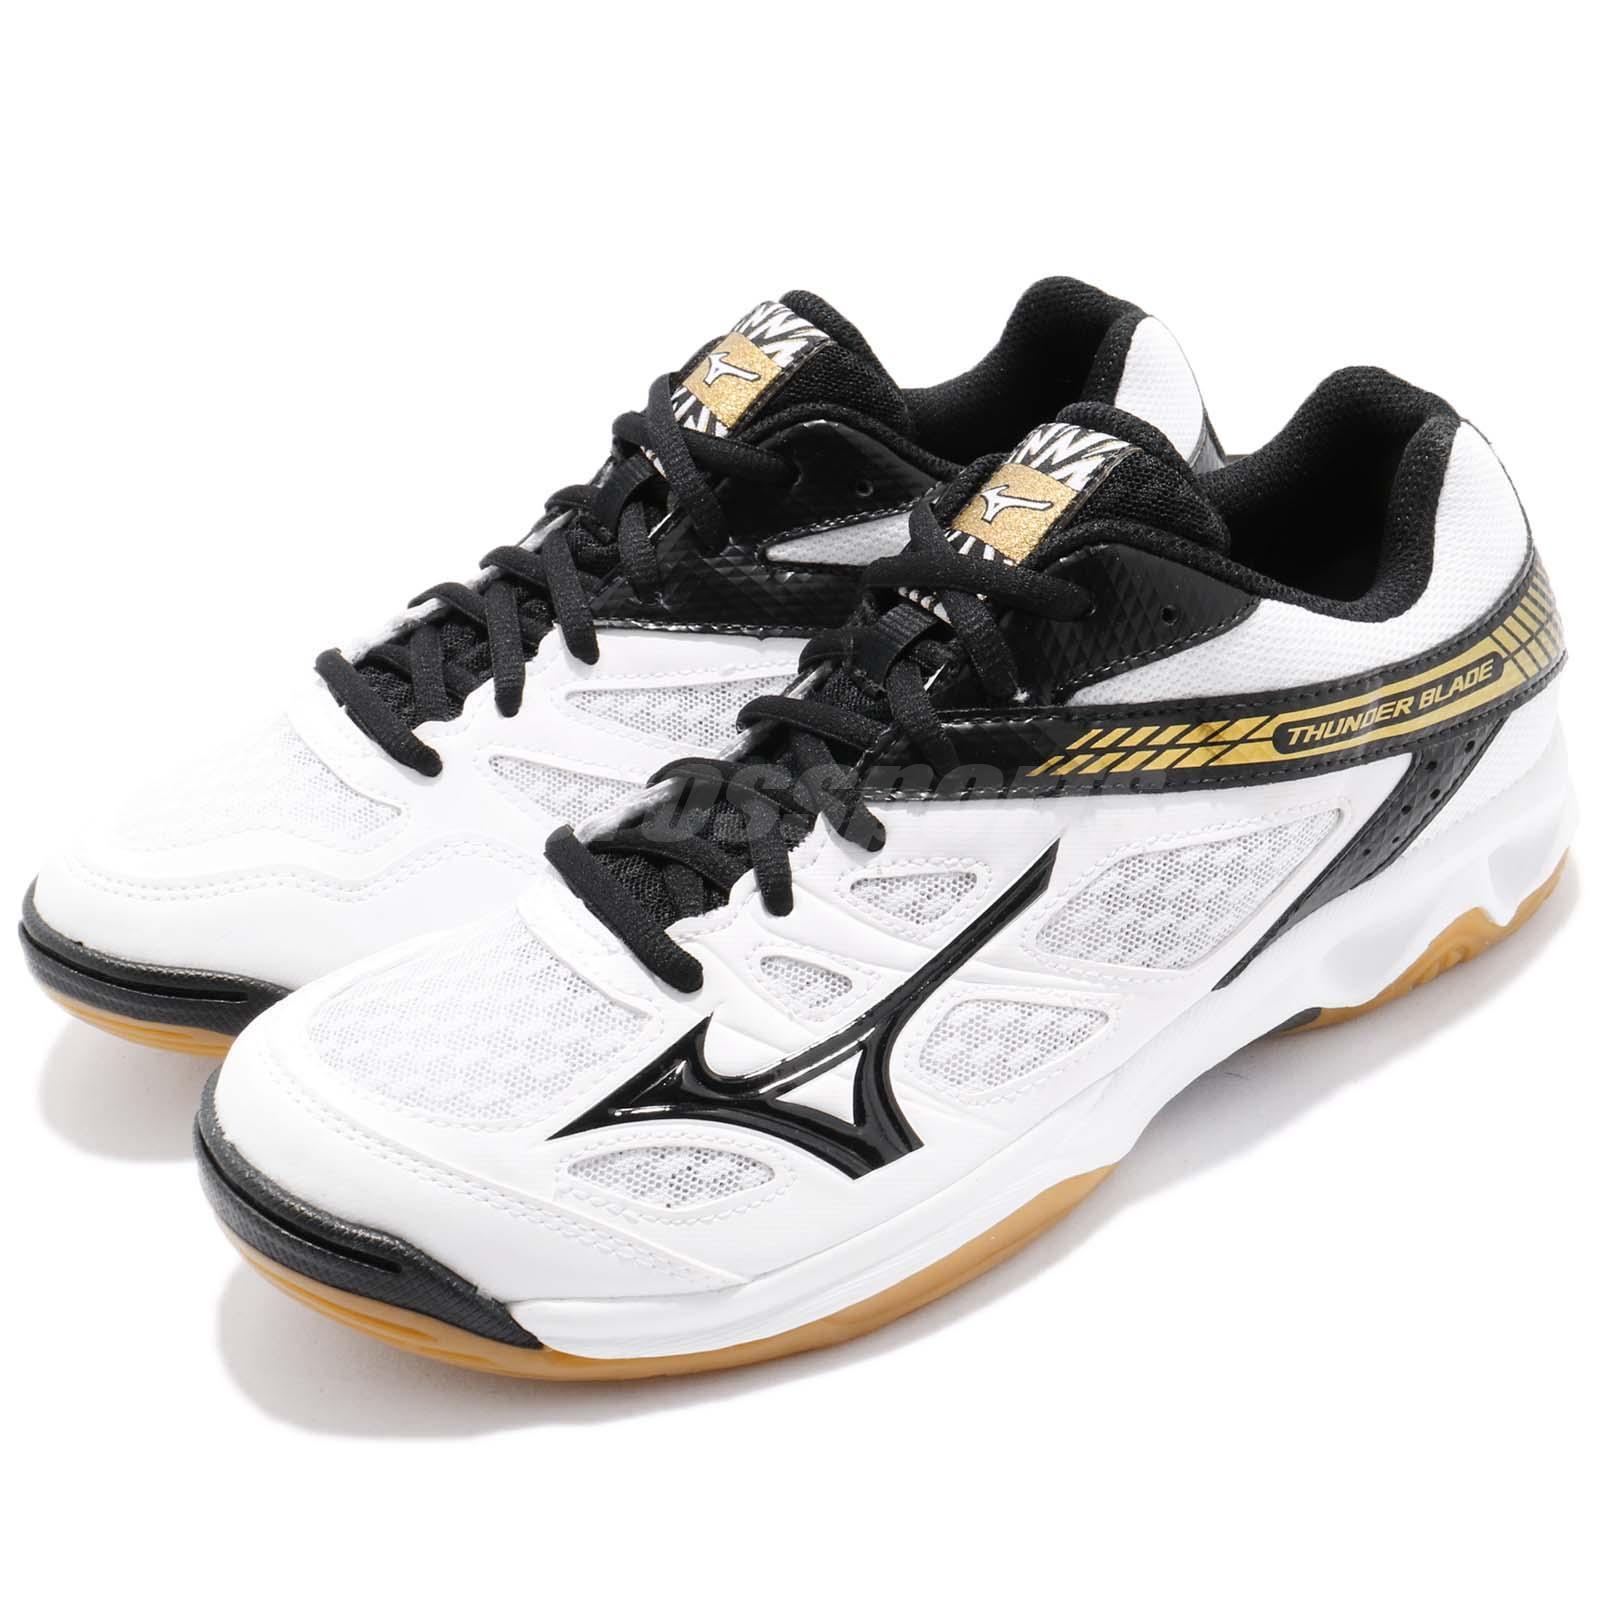 Mizuno Thunder Blade Black Yellow Gum Men Volleyball Badminton Shoes V1GA1770-05